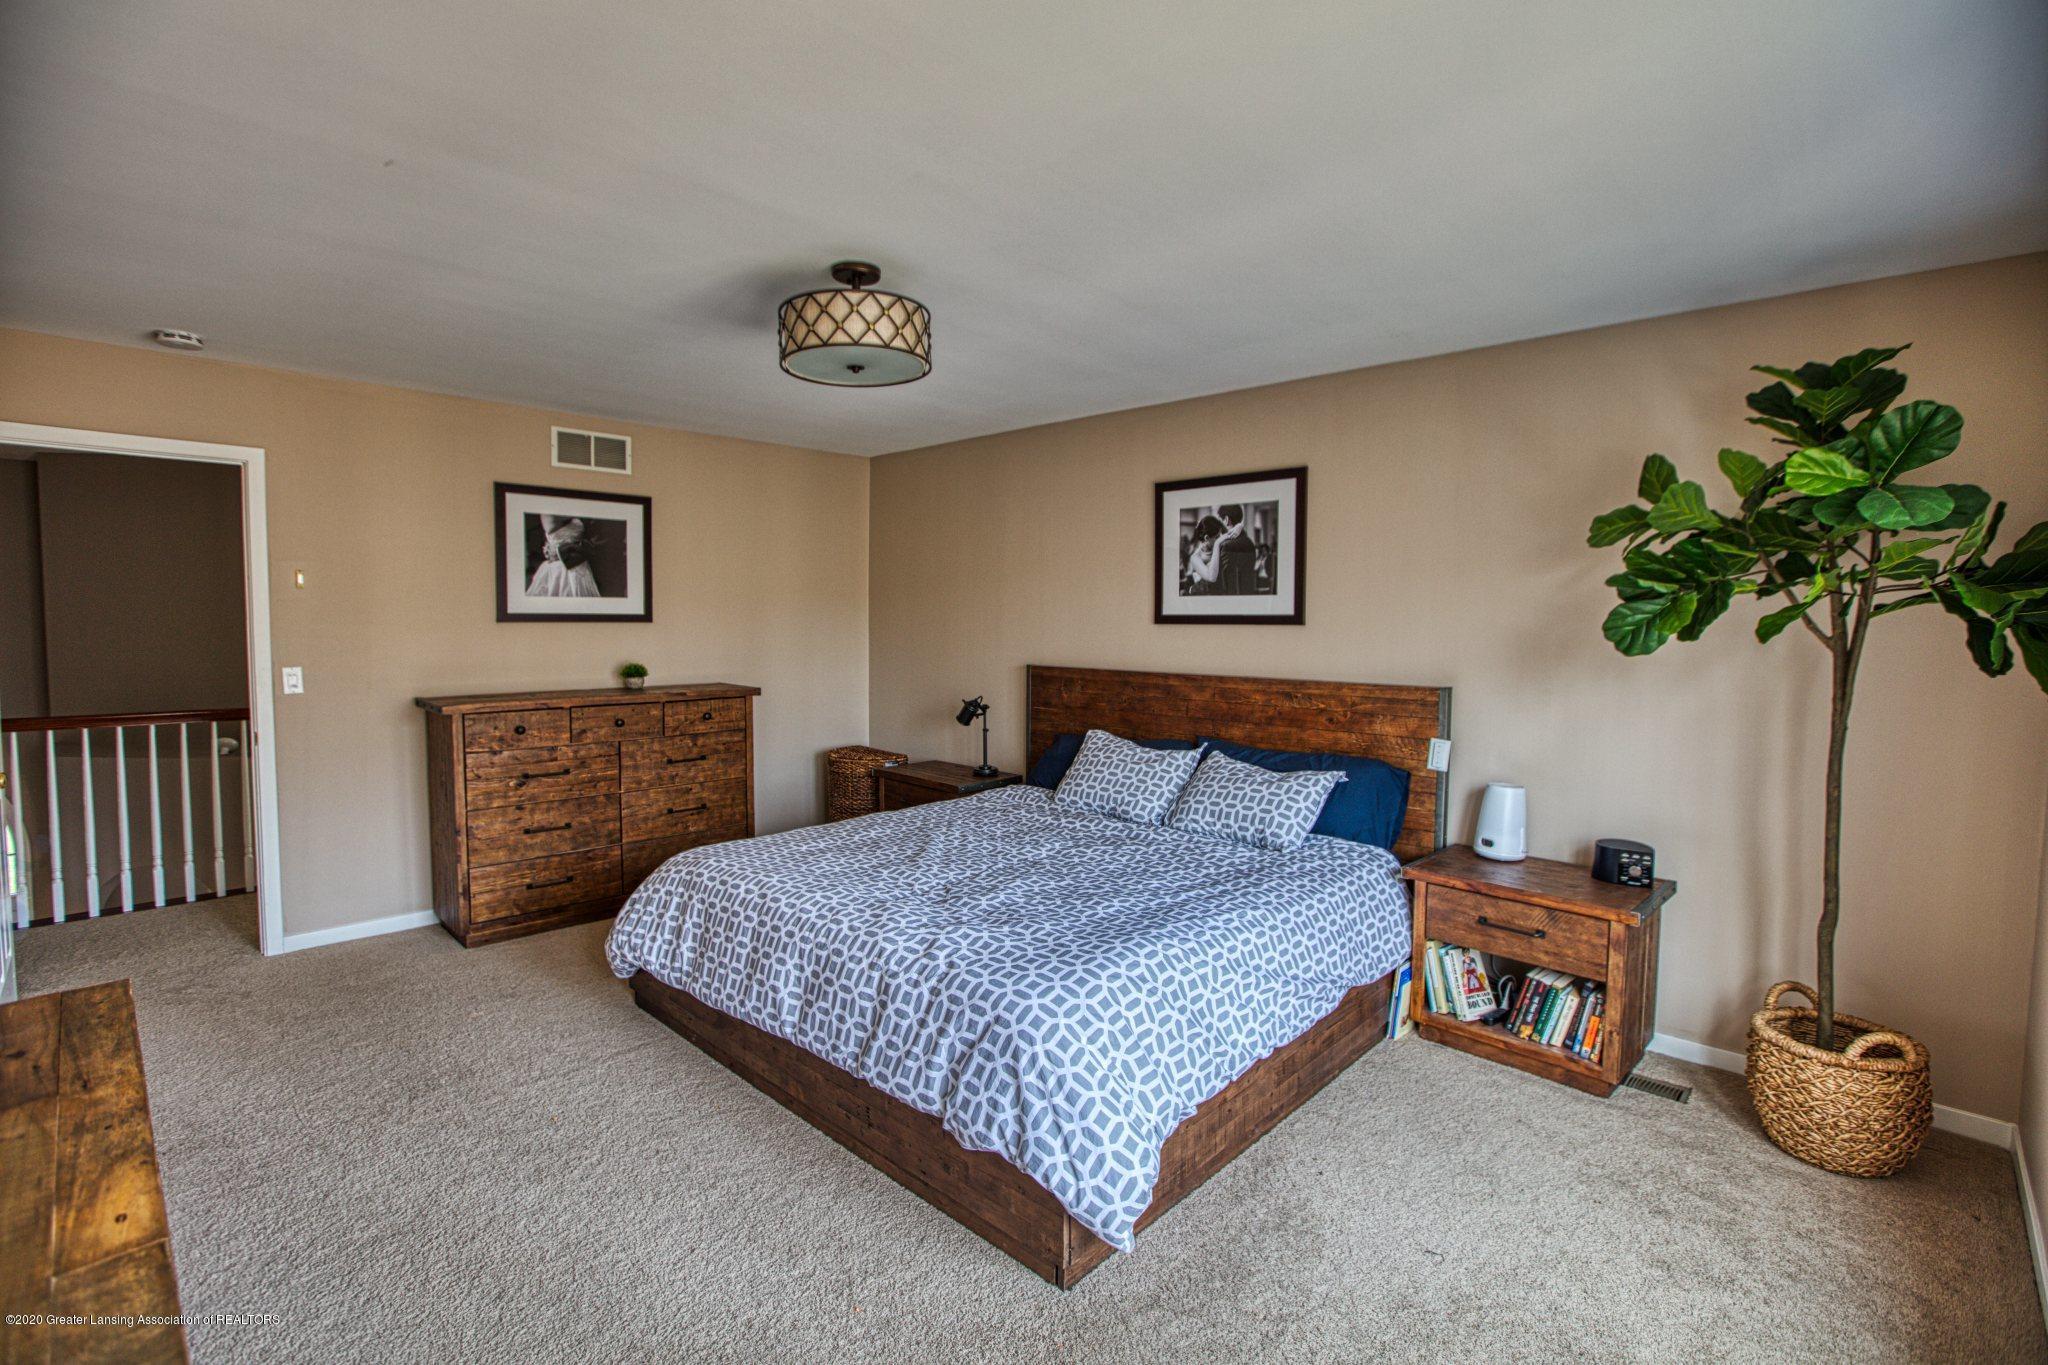 3668 Fairhills Dr - Bedroom 1 - 13